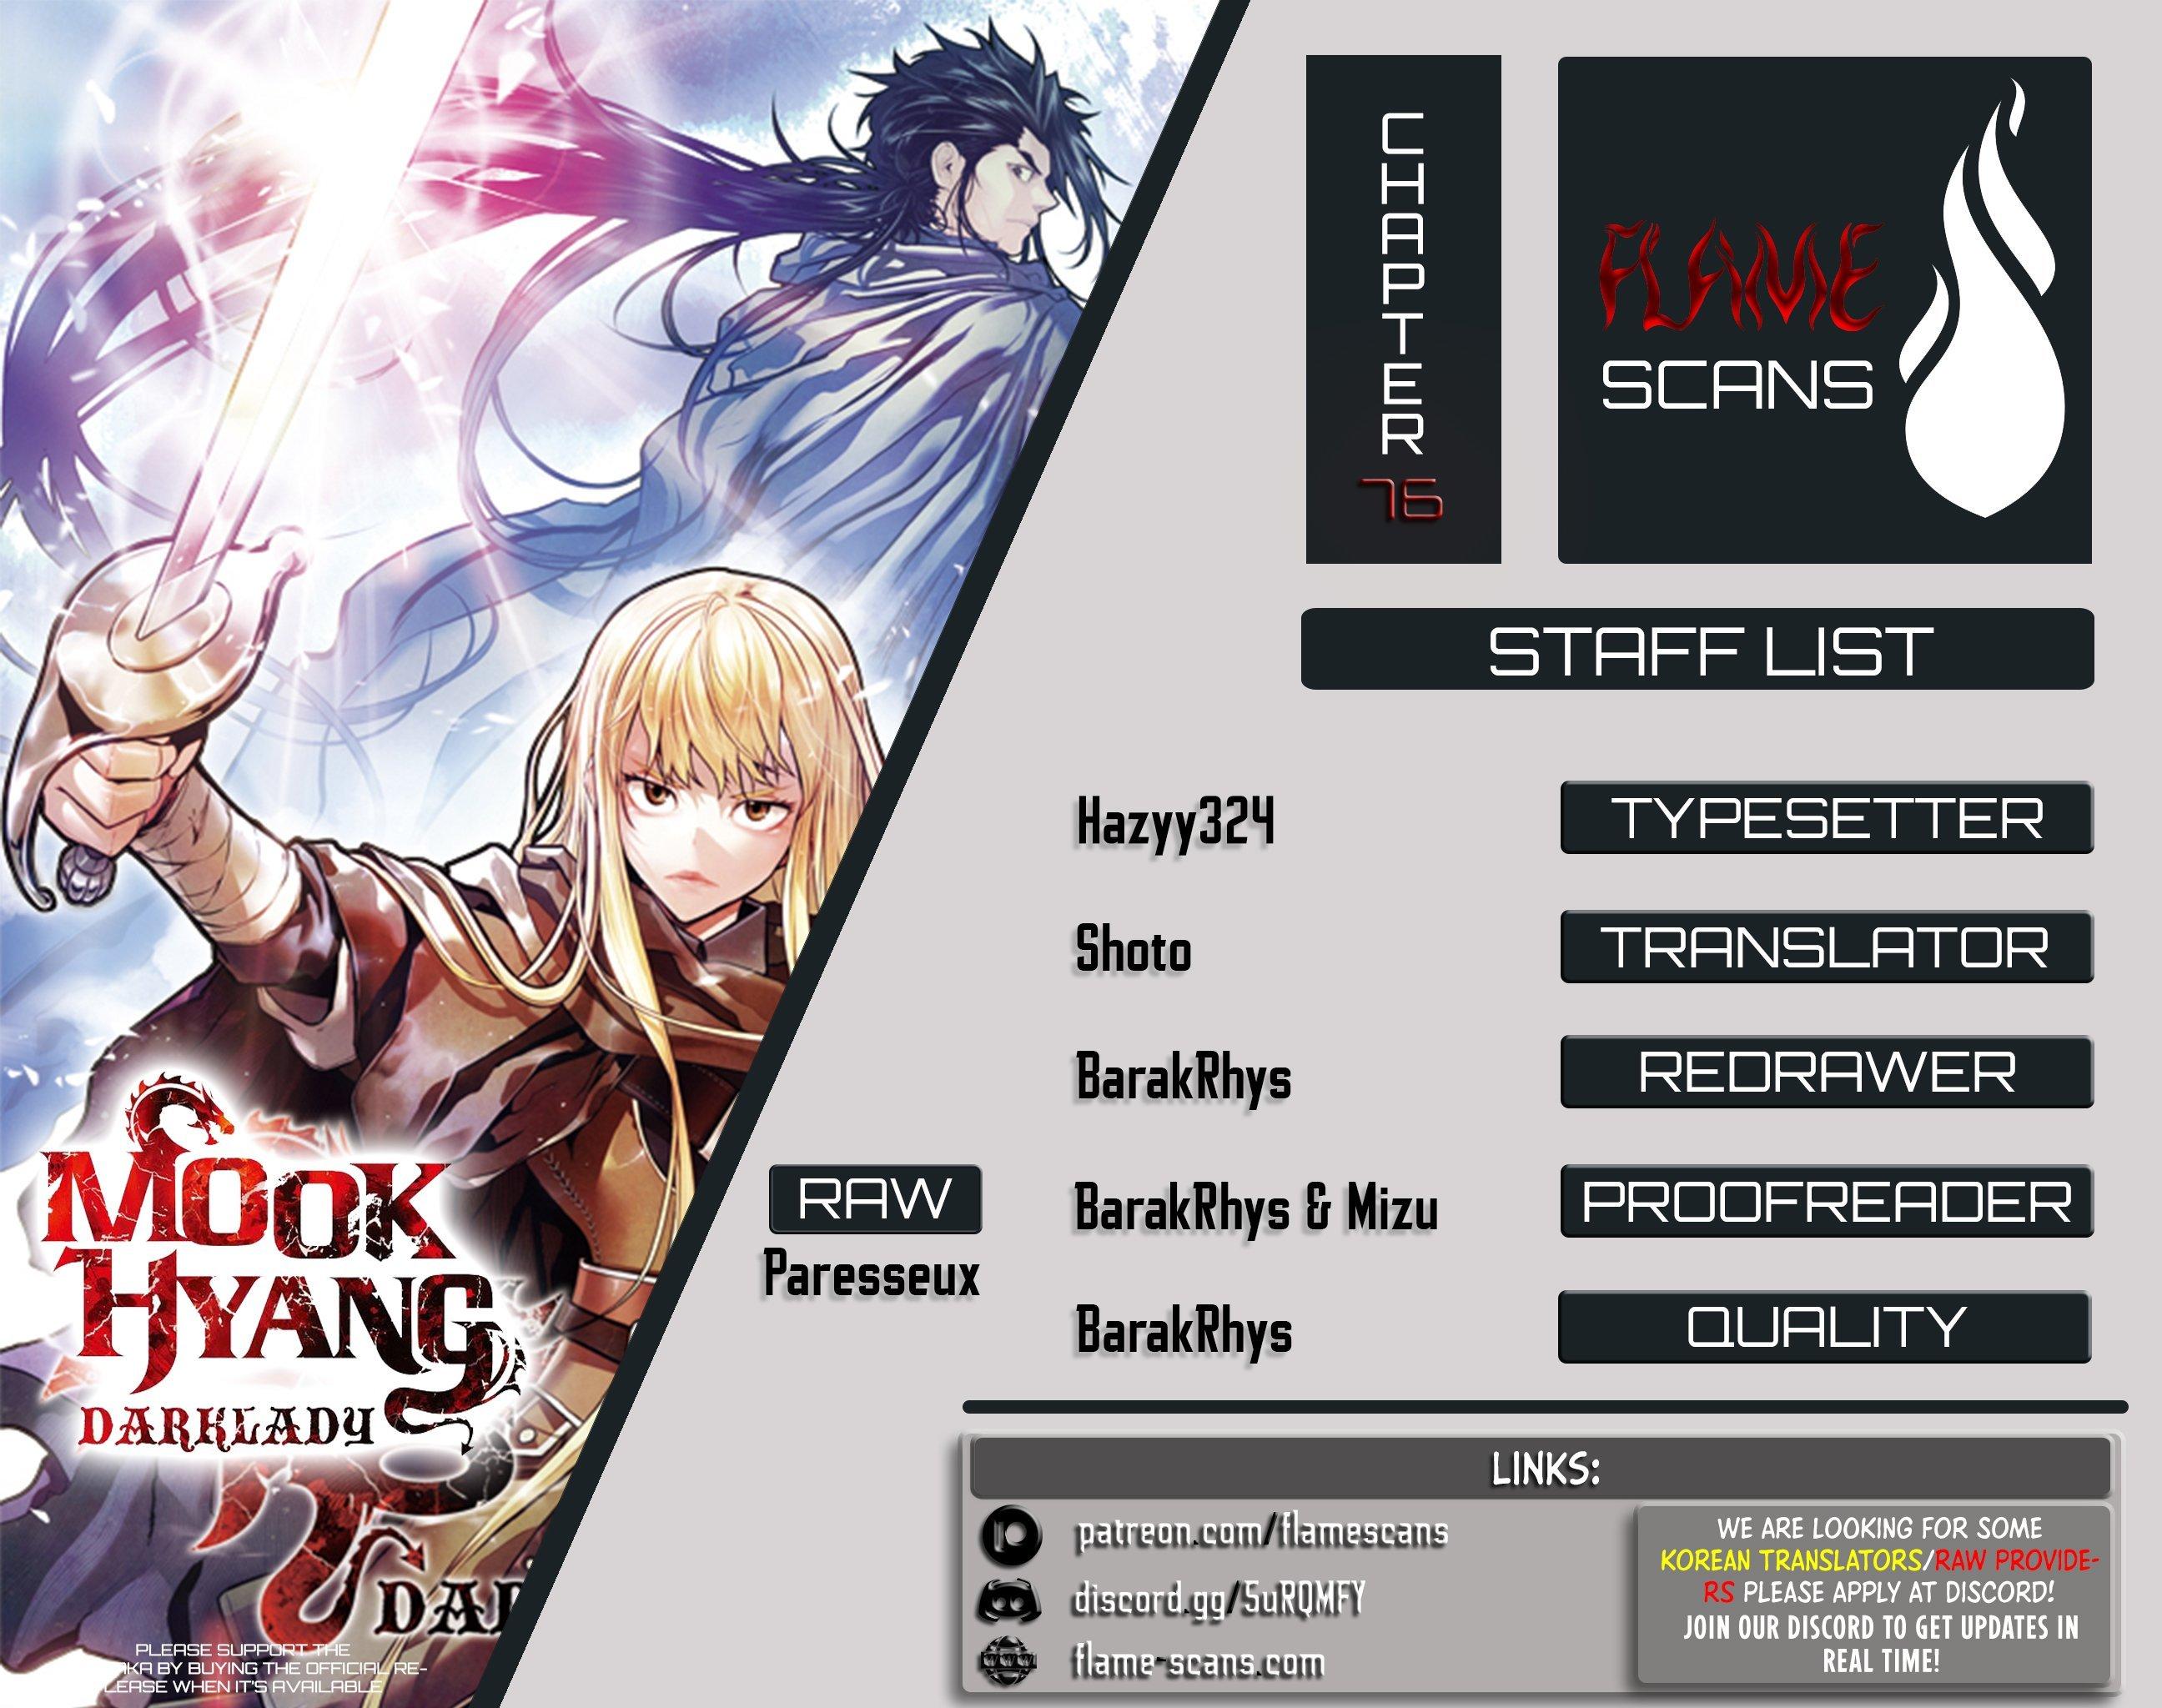 Manga MookHyang - Dark Lady - Chapter 76 Page 1